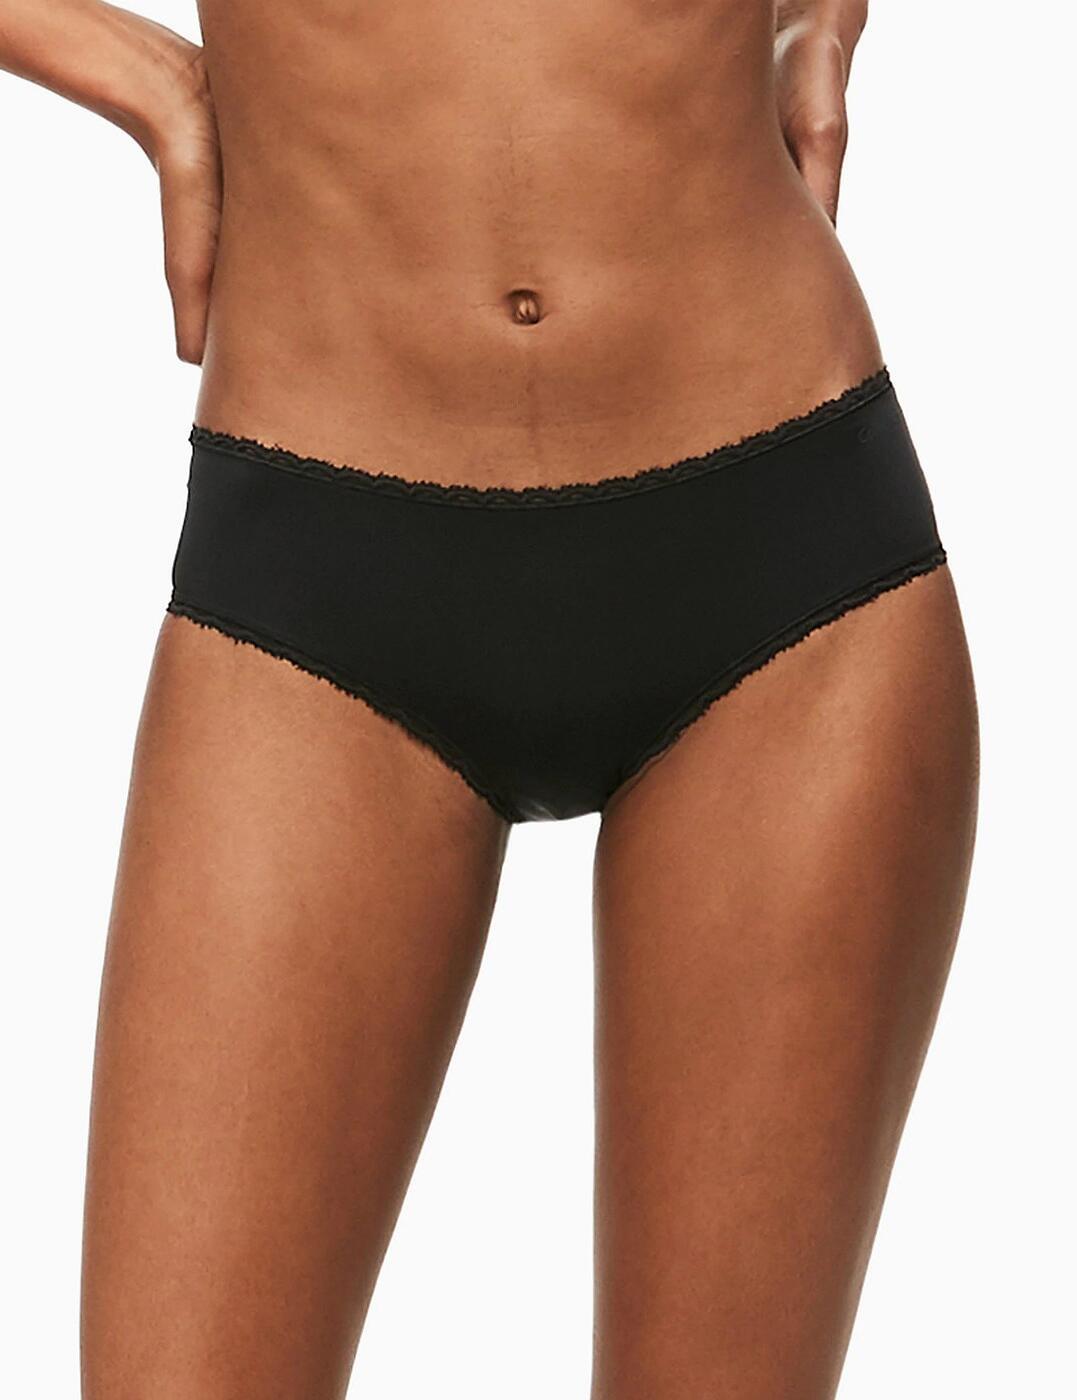 F2912E Calvin Klein Seductive Comfort Hipster Brief - F2912E Black